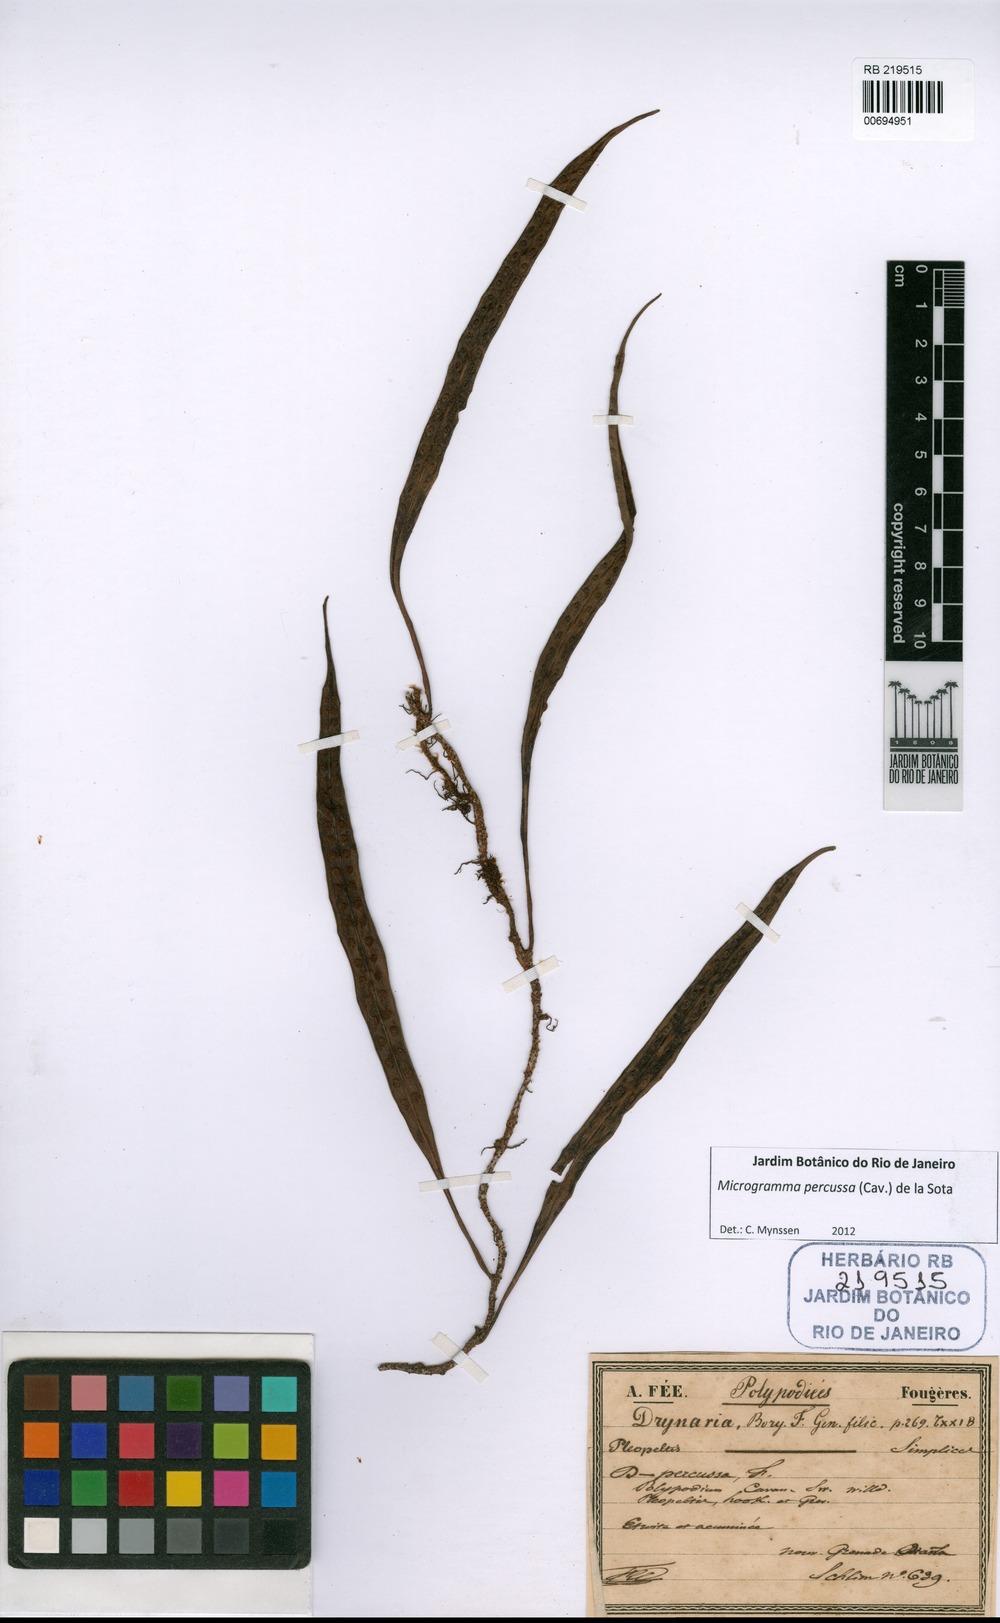 Microgramma percussa (Cav.) de la Sota [family POLYPODIACEAE]